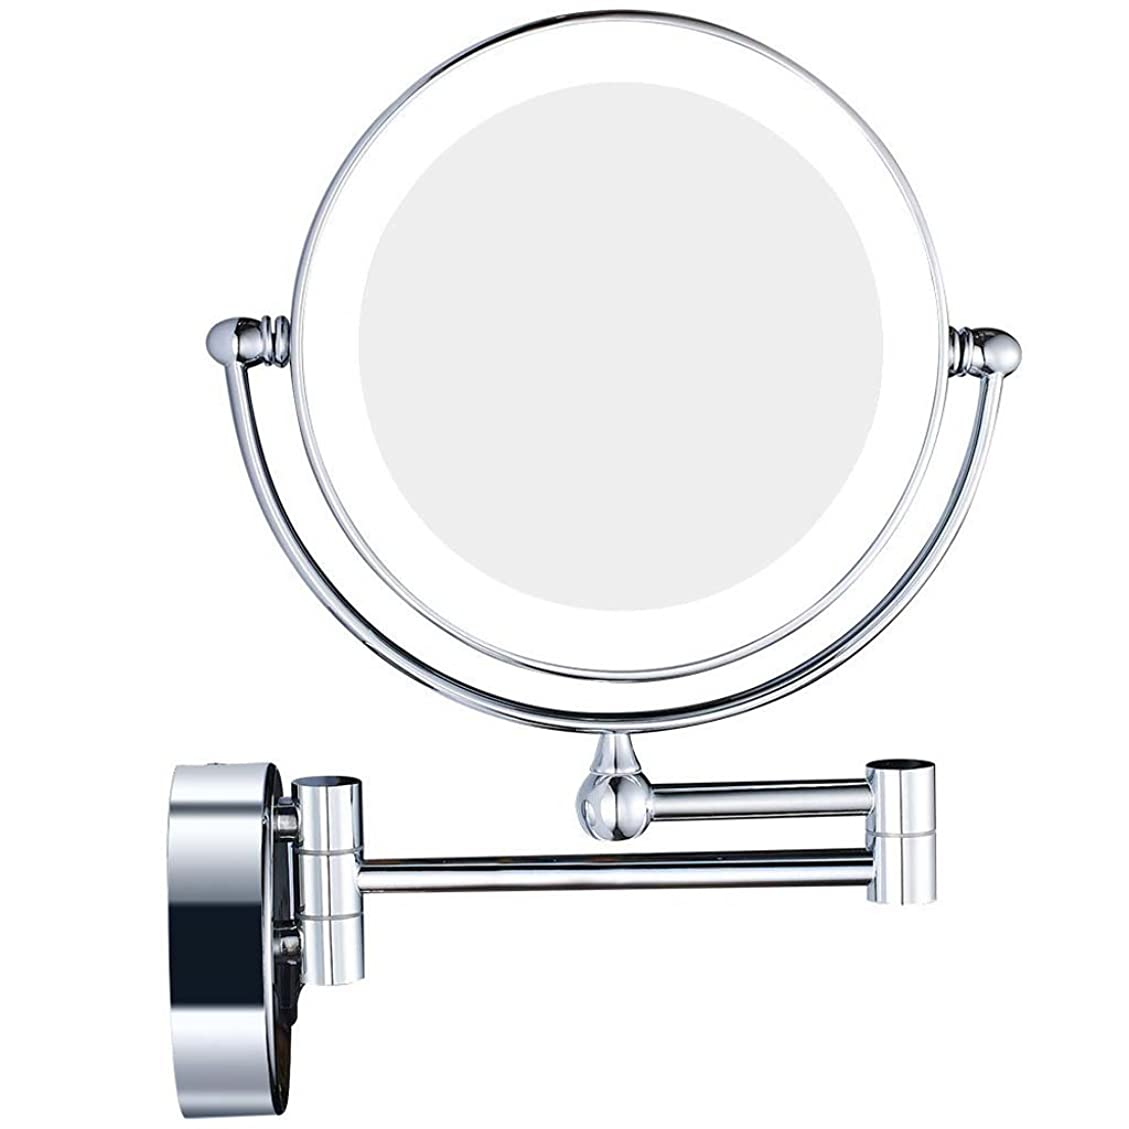 誰も君主制メロドラマティックLED化粧鏡、8インチウォールマウント折りたたみバニティミラー3倍LED照明と両面ミラー付き